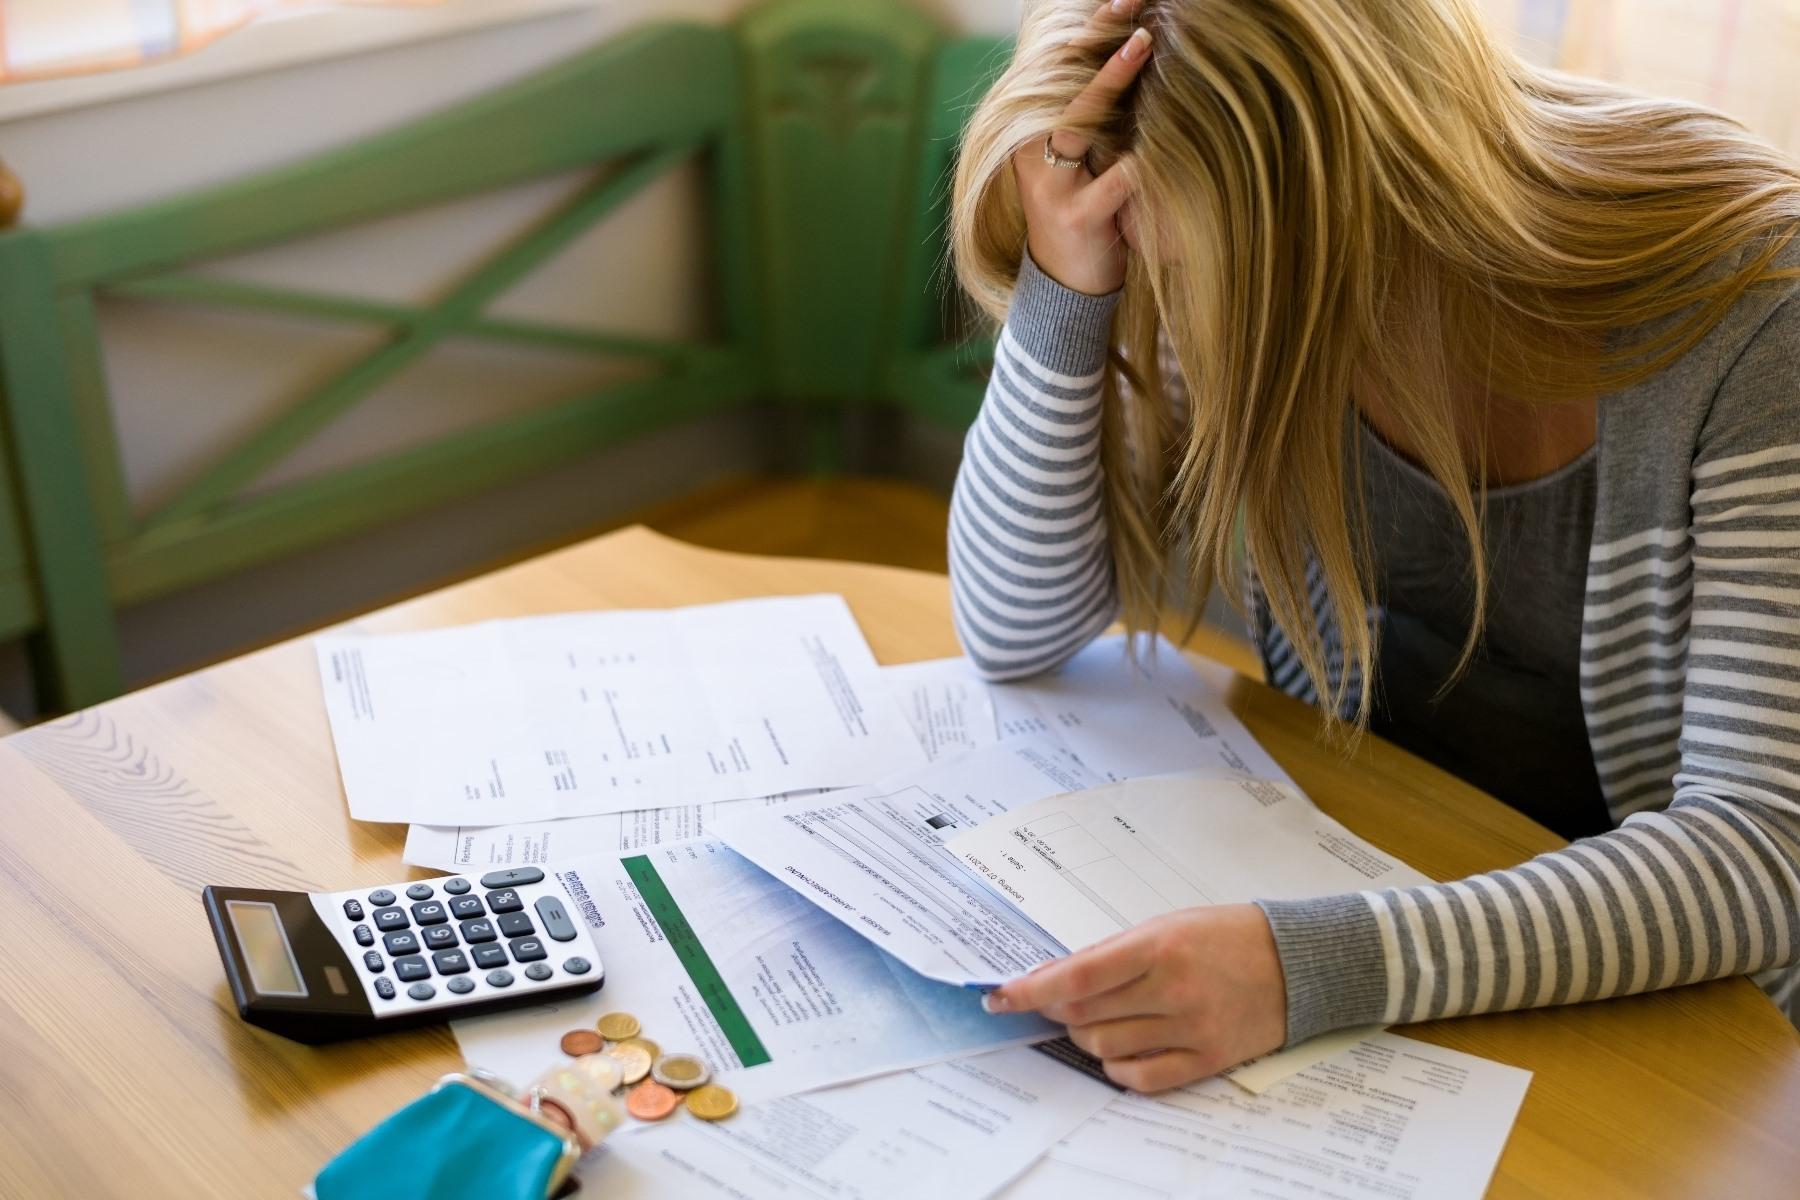 Löhne müssen Lebenshaltungskosten gerecht werden